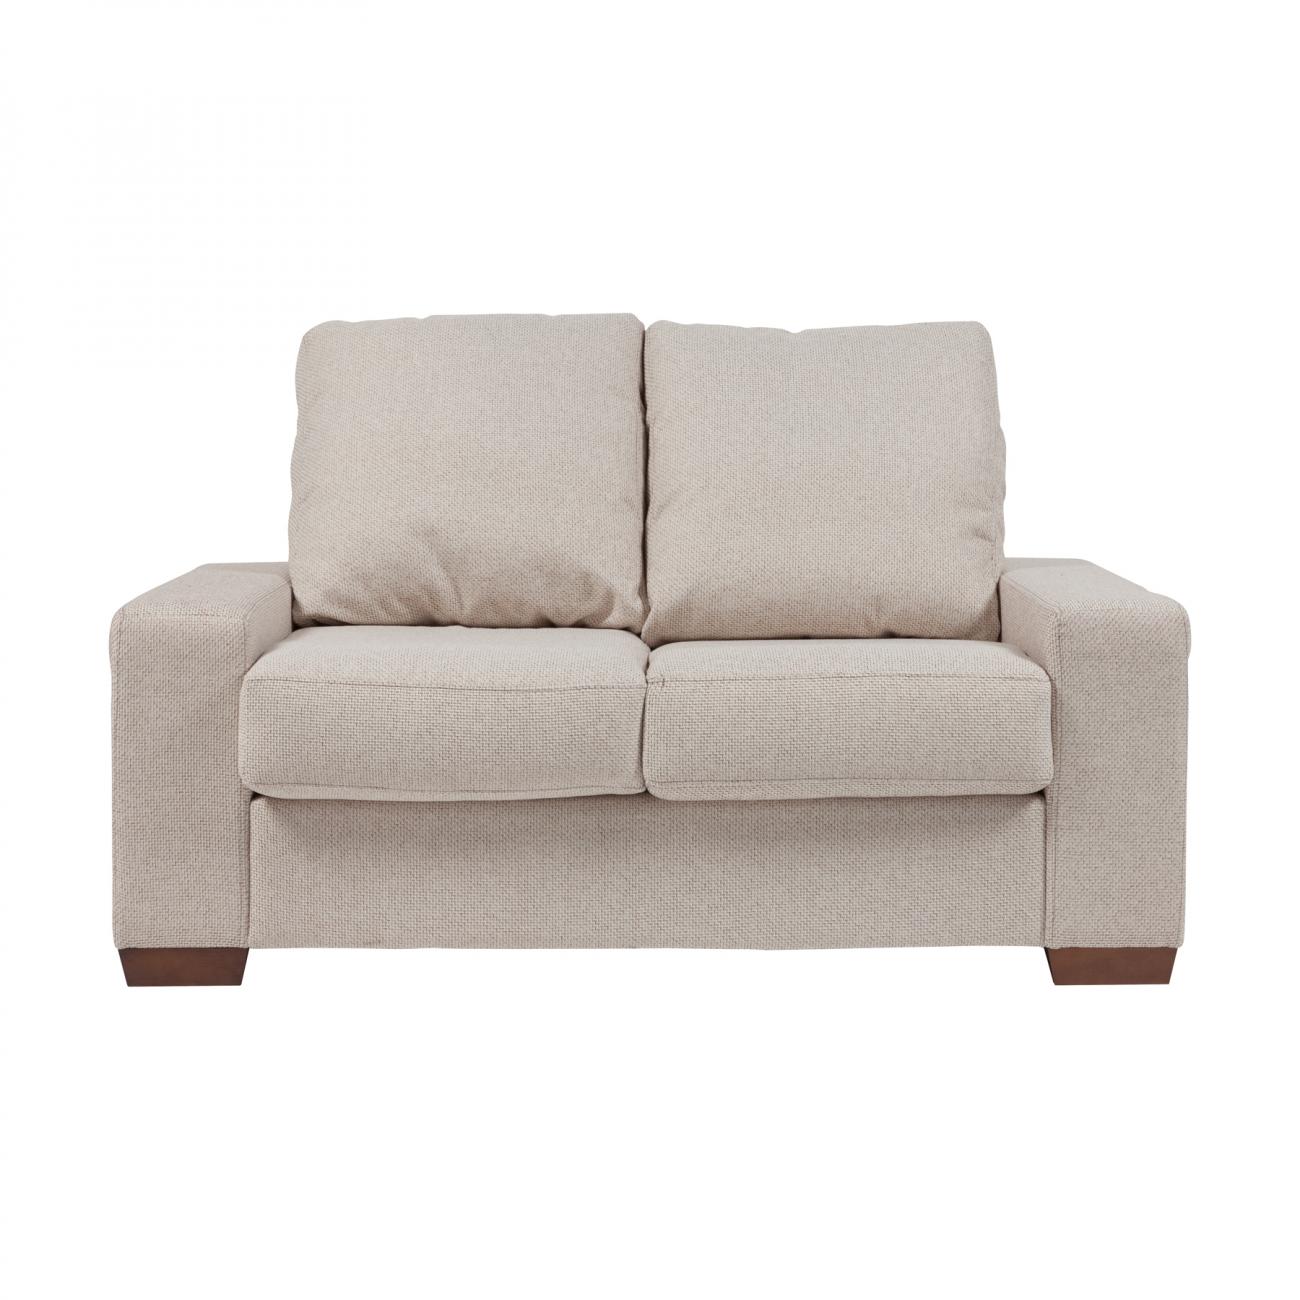 Купить Диван Andrew Sofa Кремовый Двухместный в интернет магазине дизайнерской мебели и аксессуаров для дома и дачи